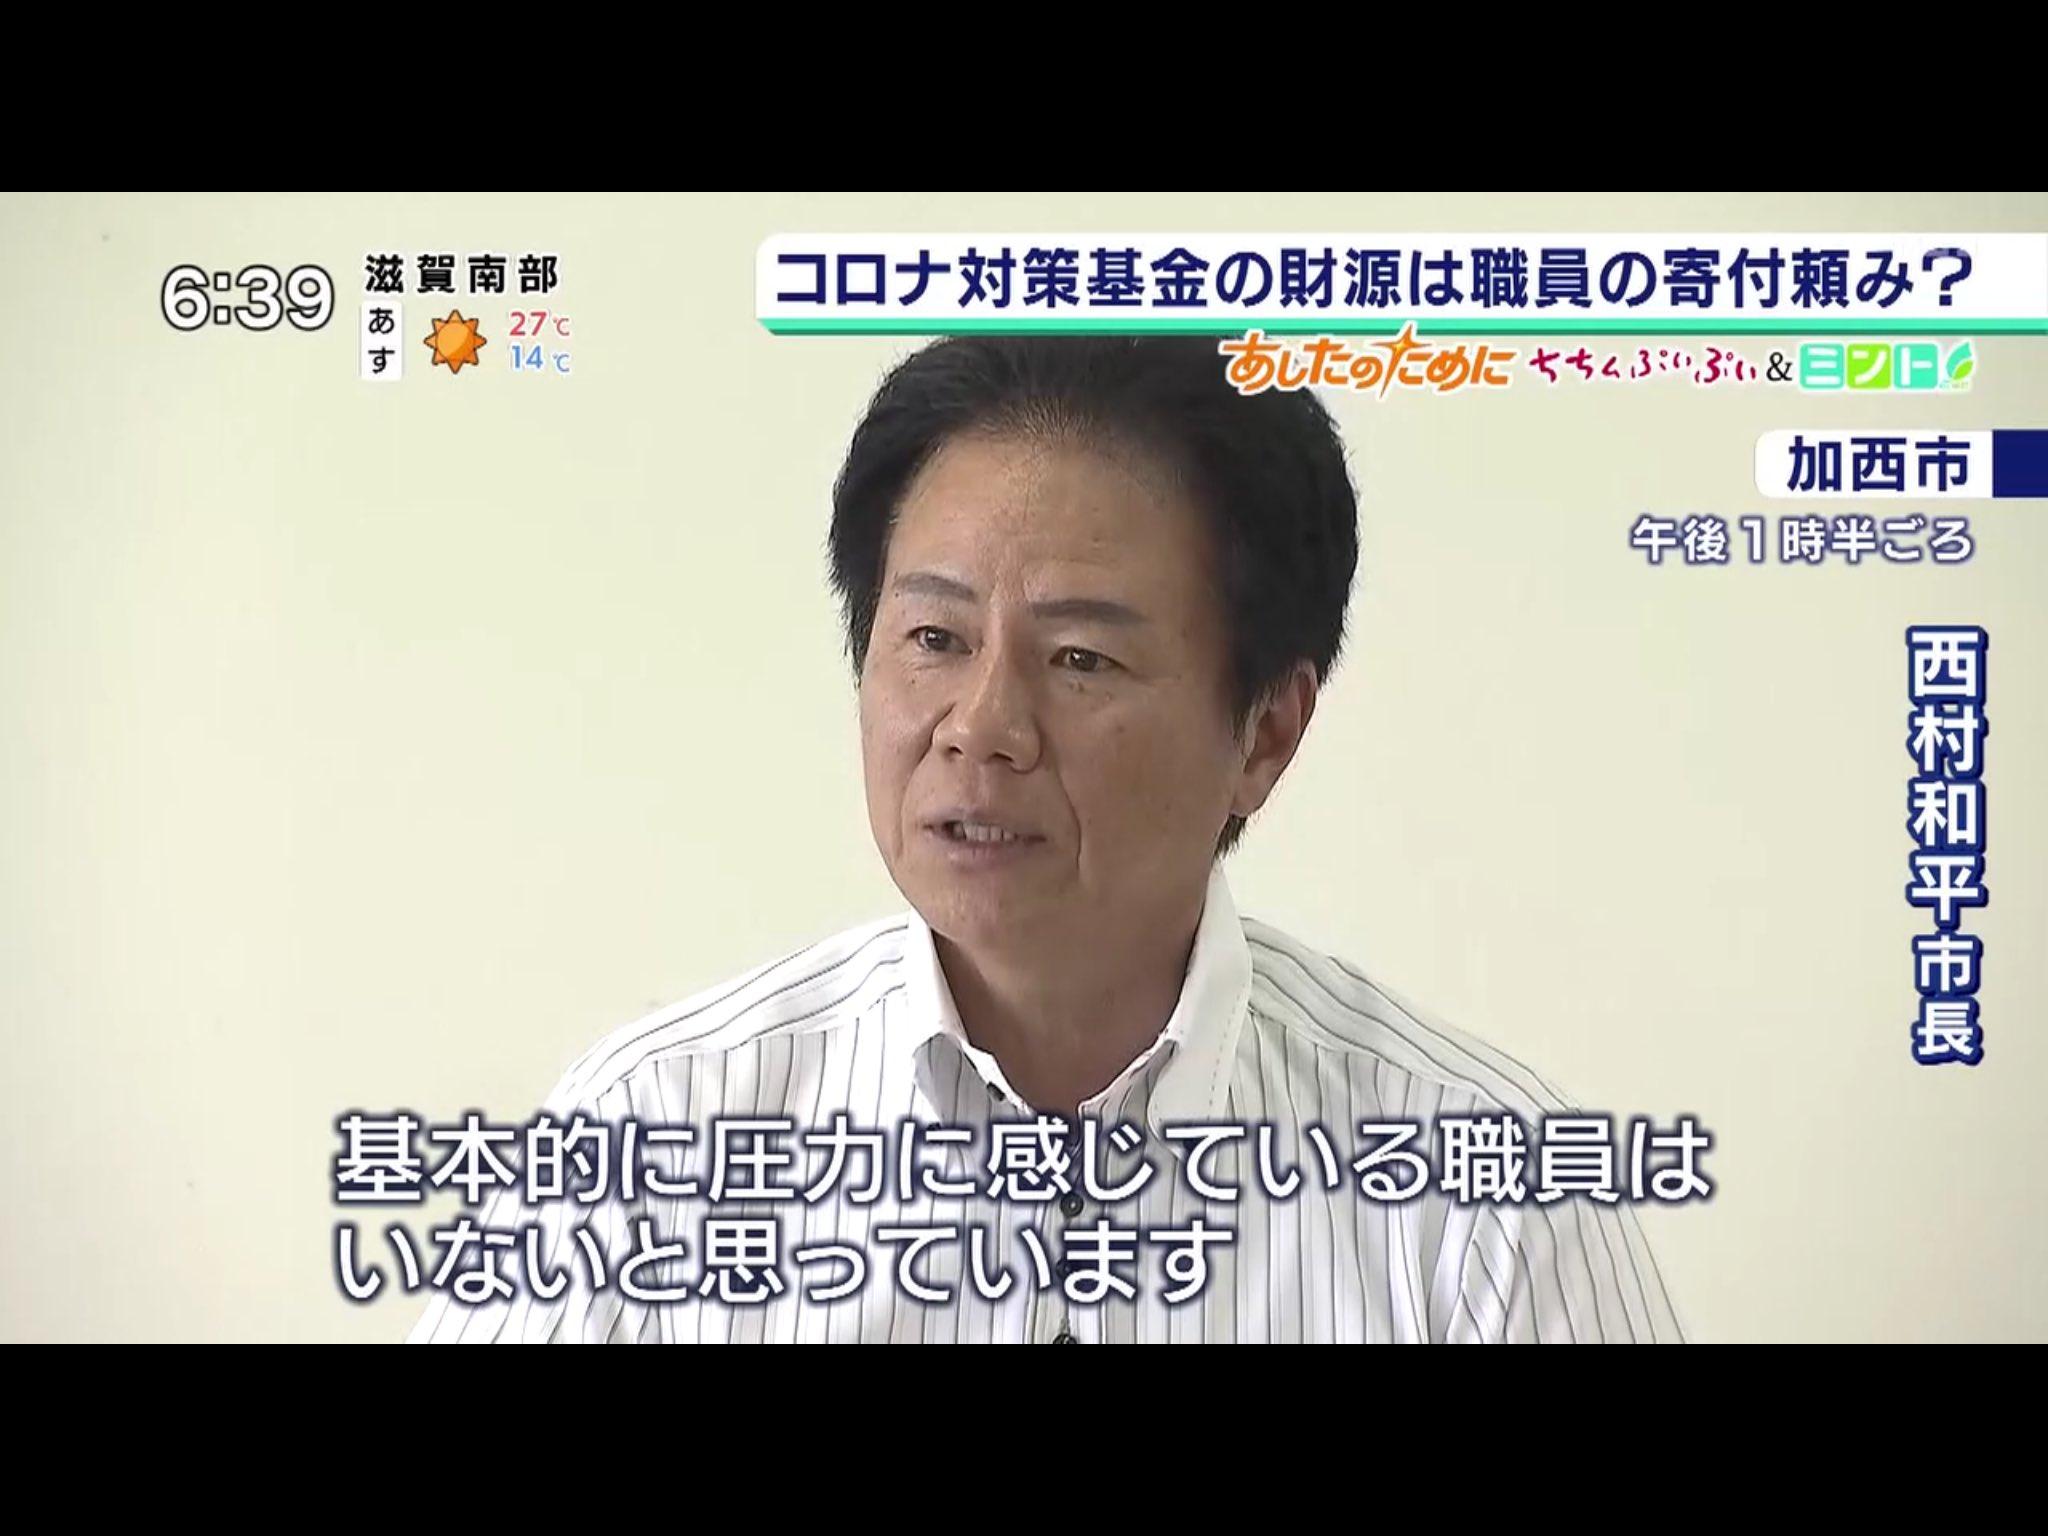 コロナ支給の10万円、市の職員は全員寄付せよ!?兵庫県加西市が寄付前提で予算を組んでいた【パワハラでは?】